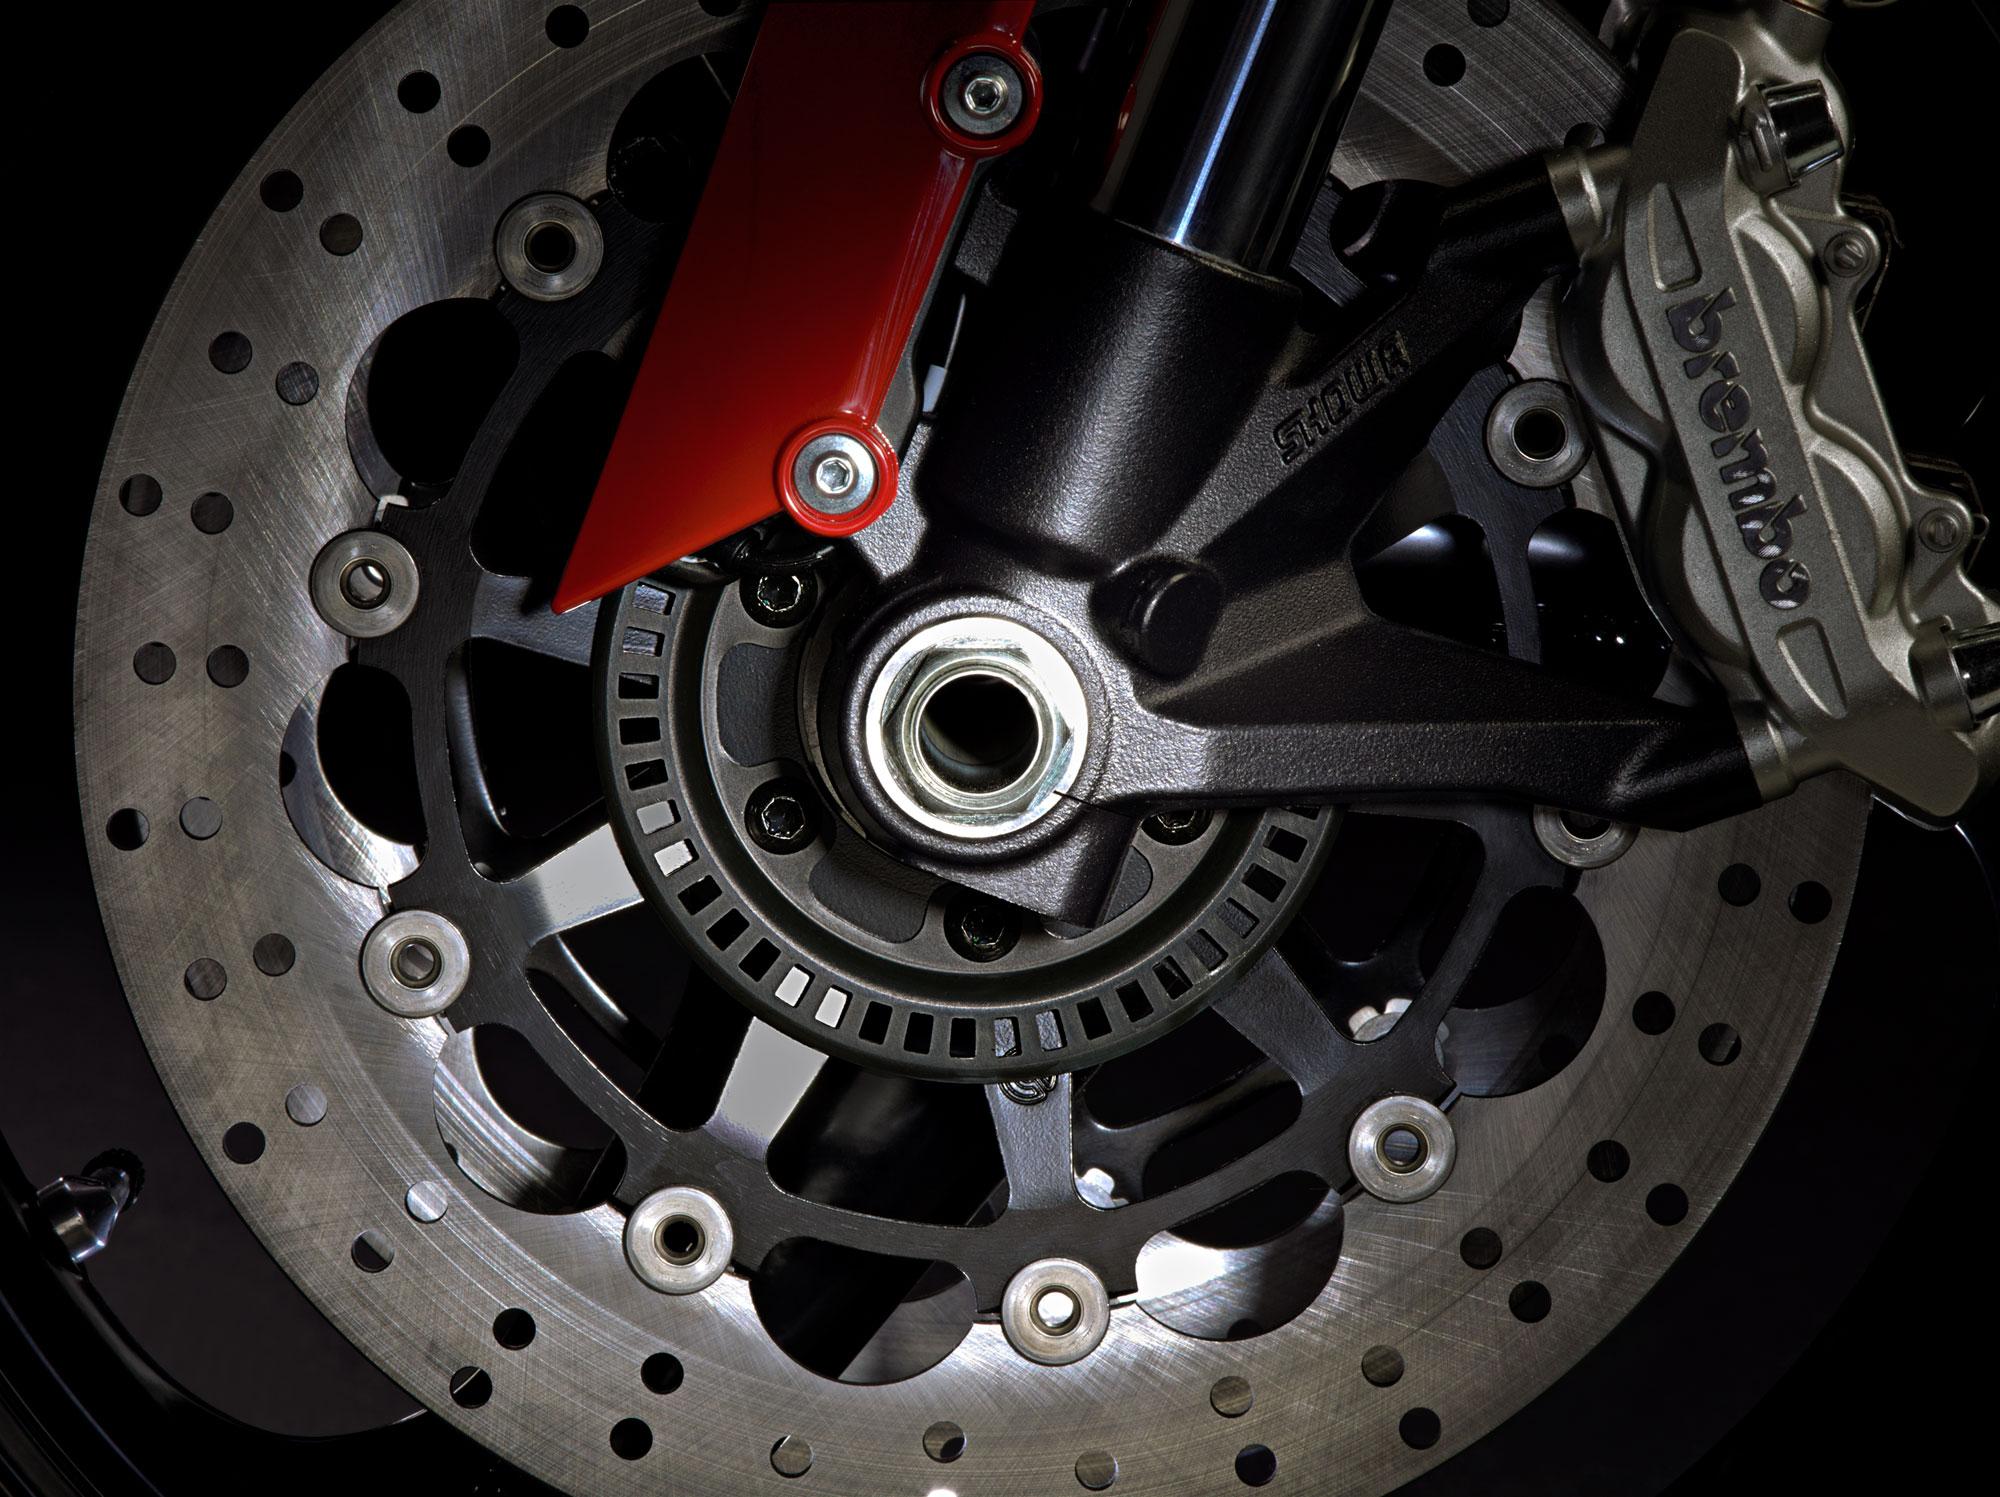 Problemi sa Brembo kočnicama – Ducati i Aprilia opozivaju motocikle